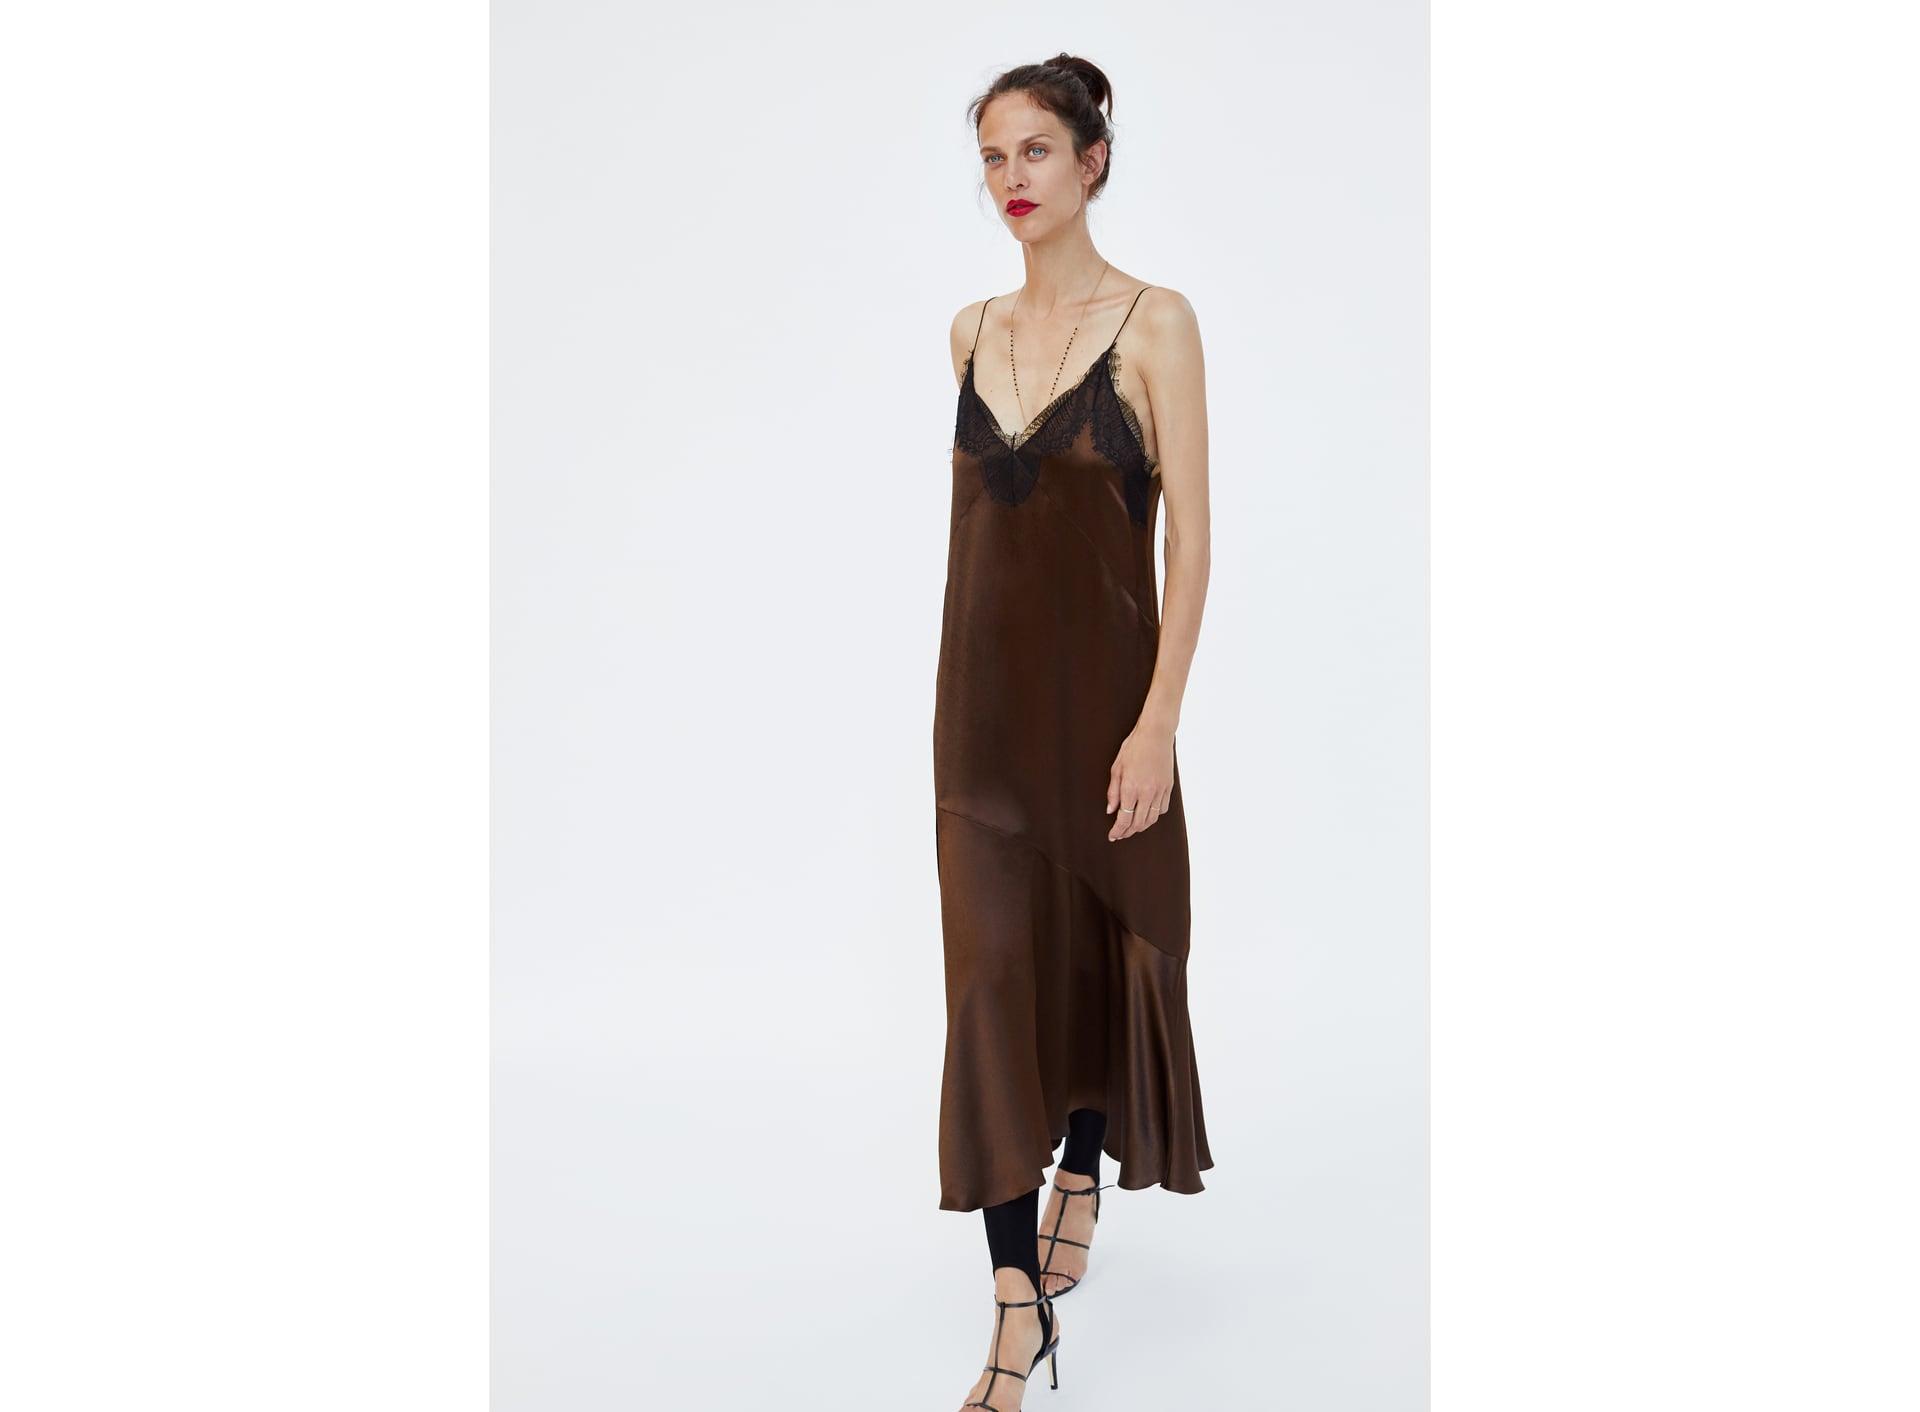 https://www.zara.com/ca/en/lingerie-style-dress-p07950799.html?v1=6888081&v2=1121004